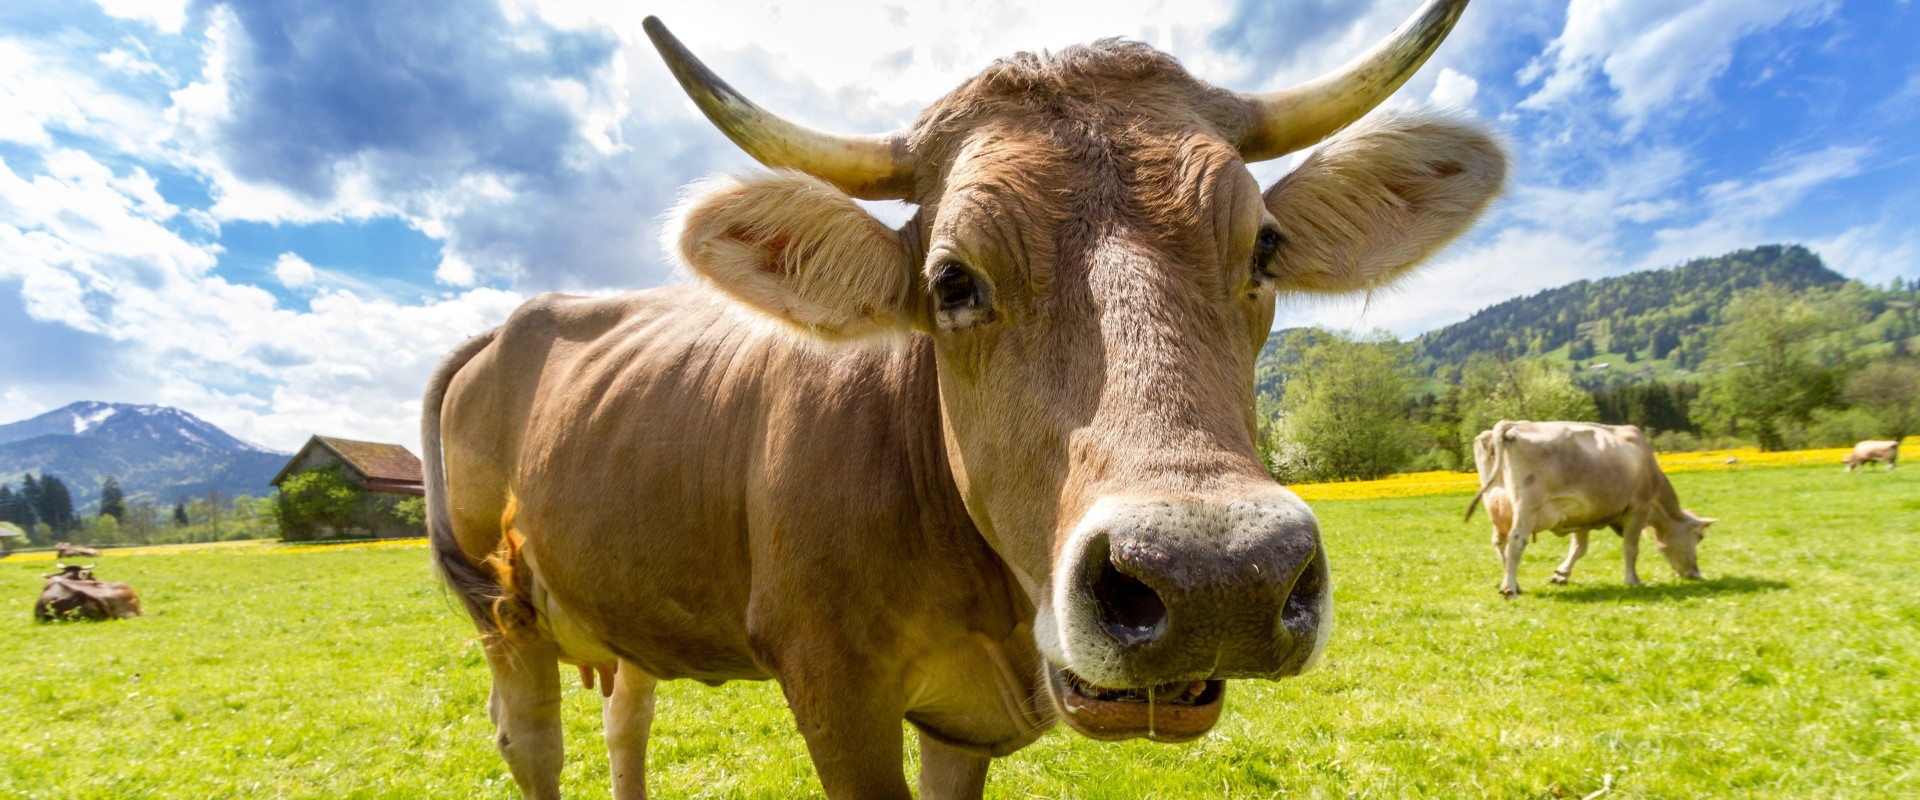 Hoe wordt leer gewonnen: van koe 🐮 tot tas 👜